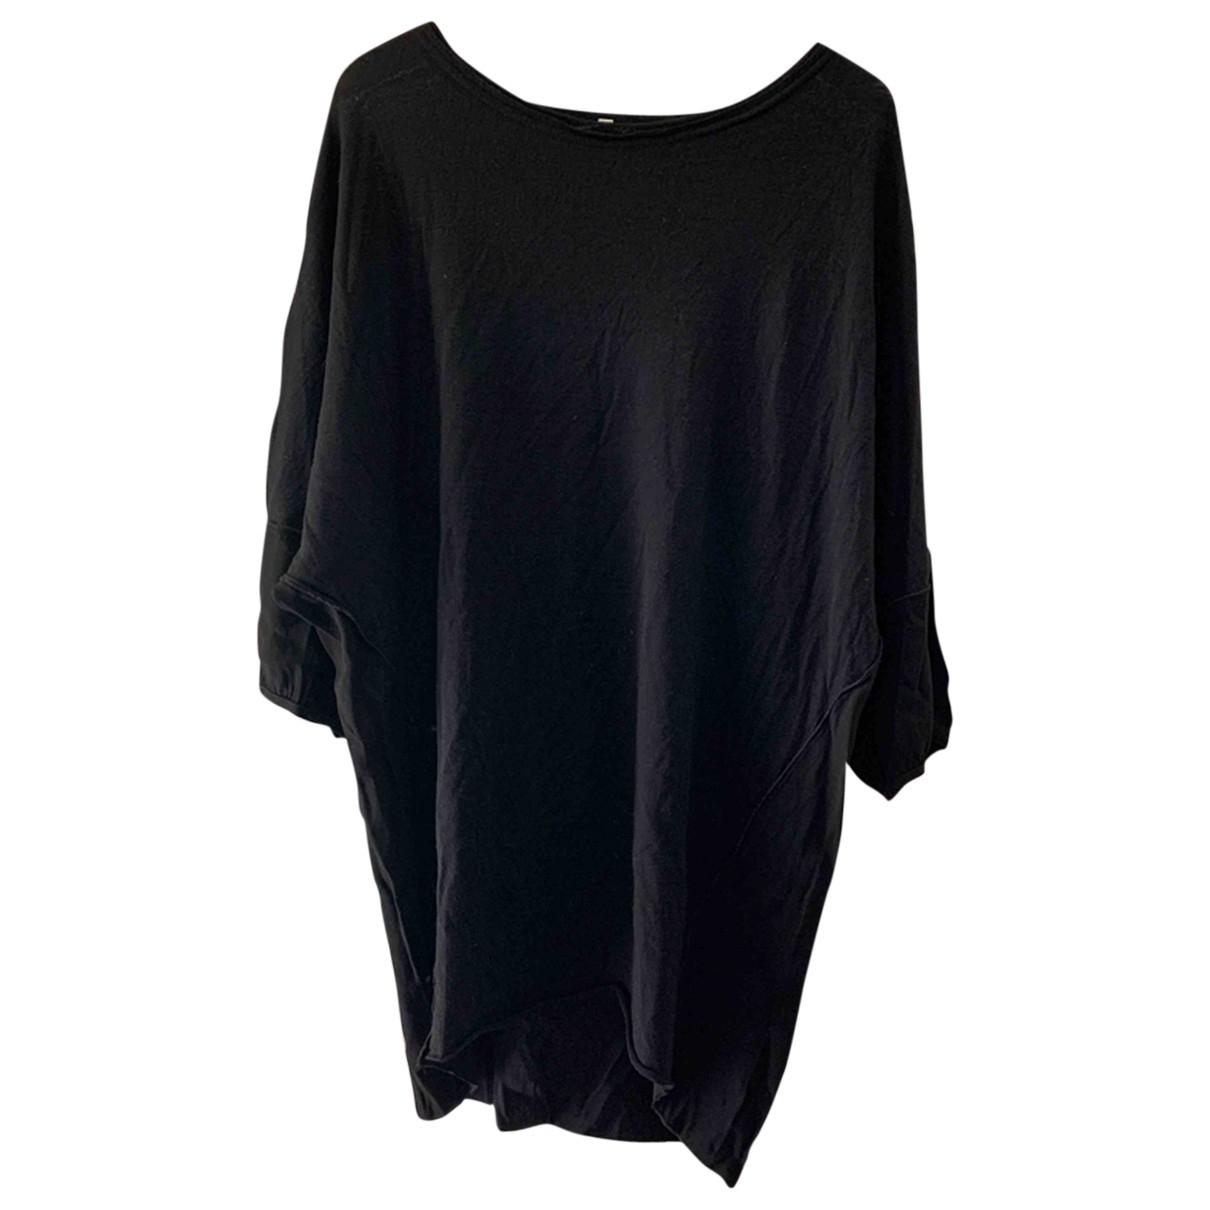 Hache \N Kleid in  Schwarz Wolle